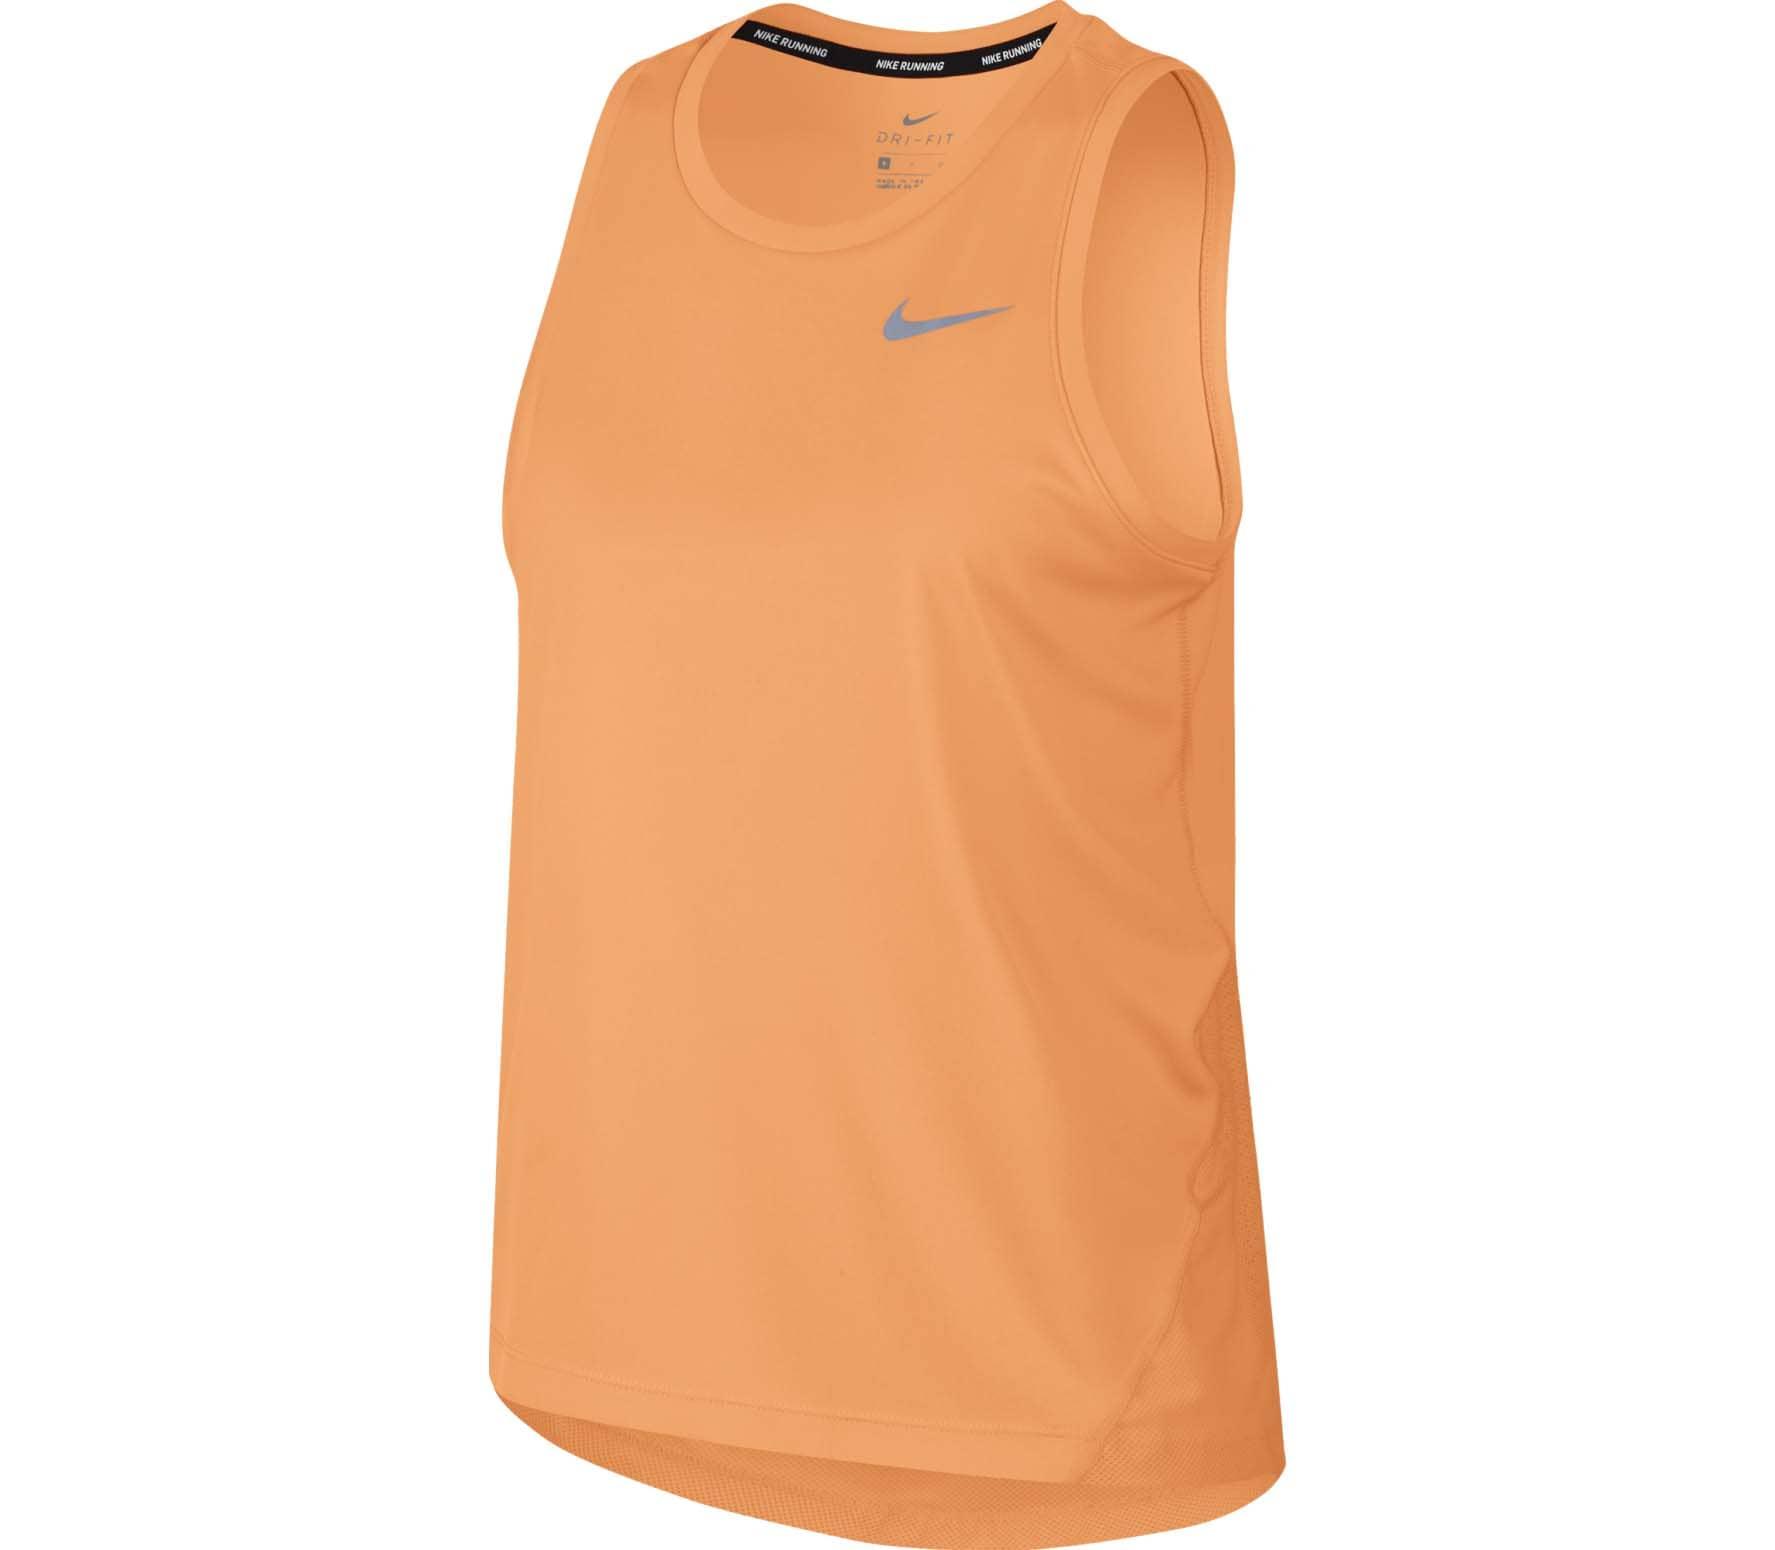 Oranje dames top Nike - AJ8102 882